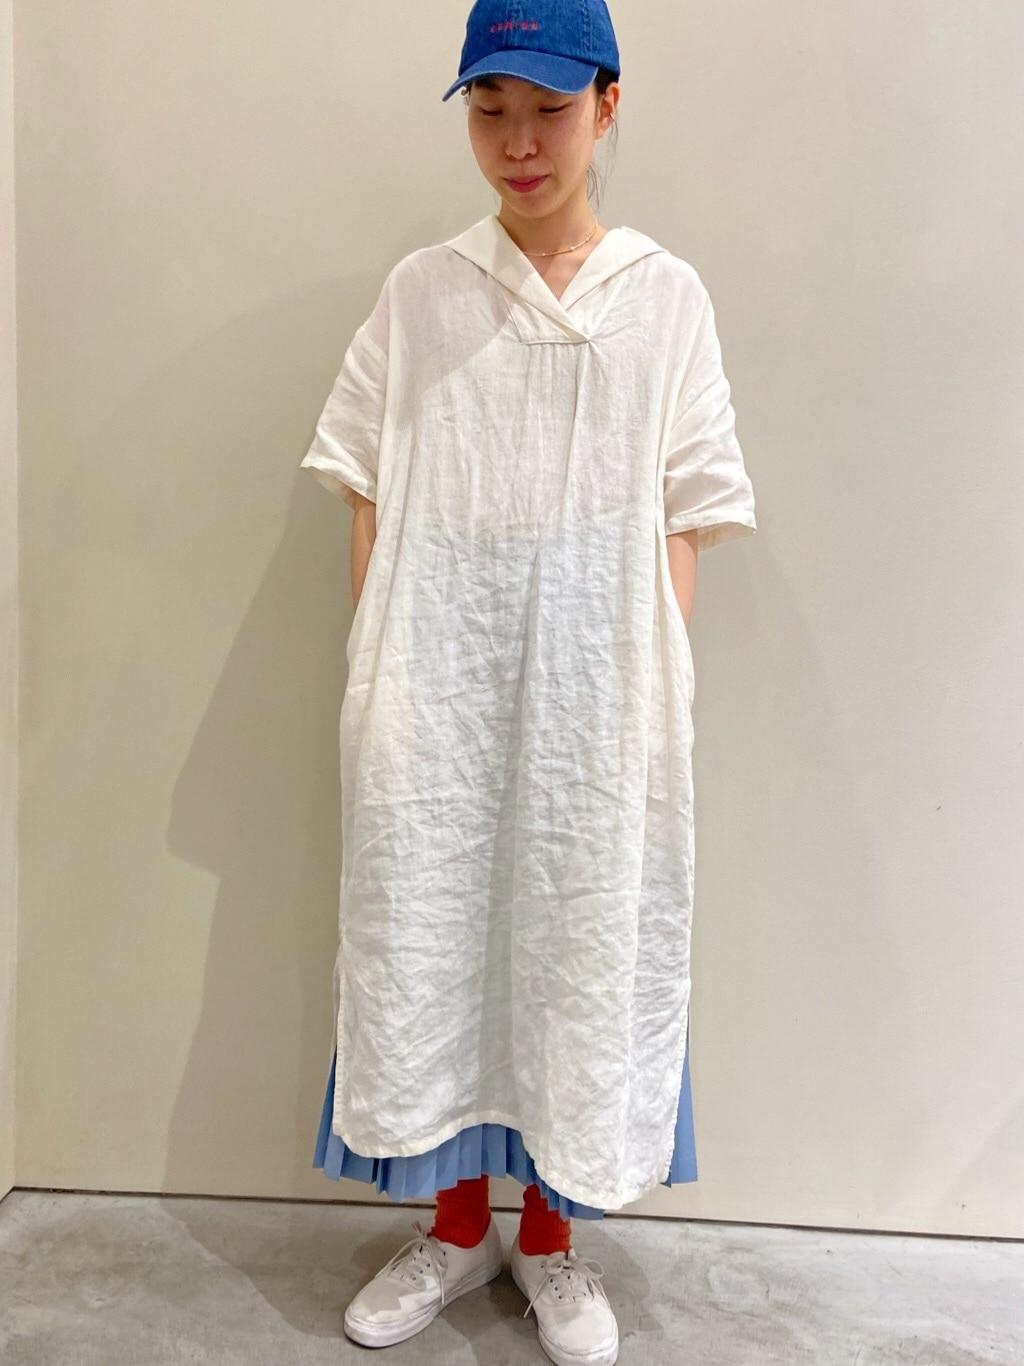 CHILD WOMAN , PAR ICI 新宿ミロード 2021.06.07